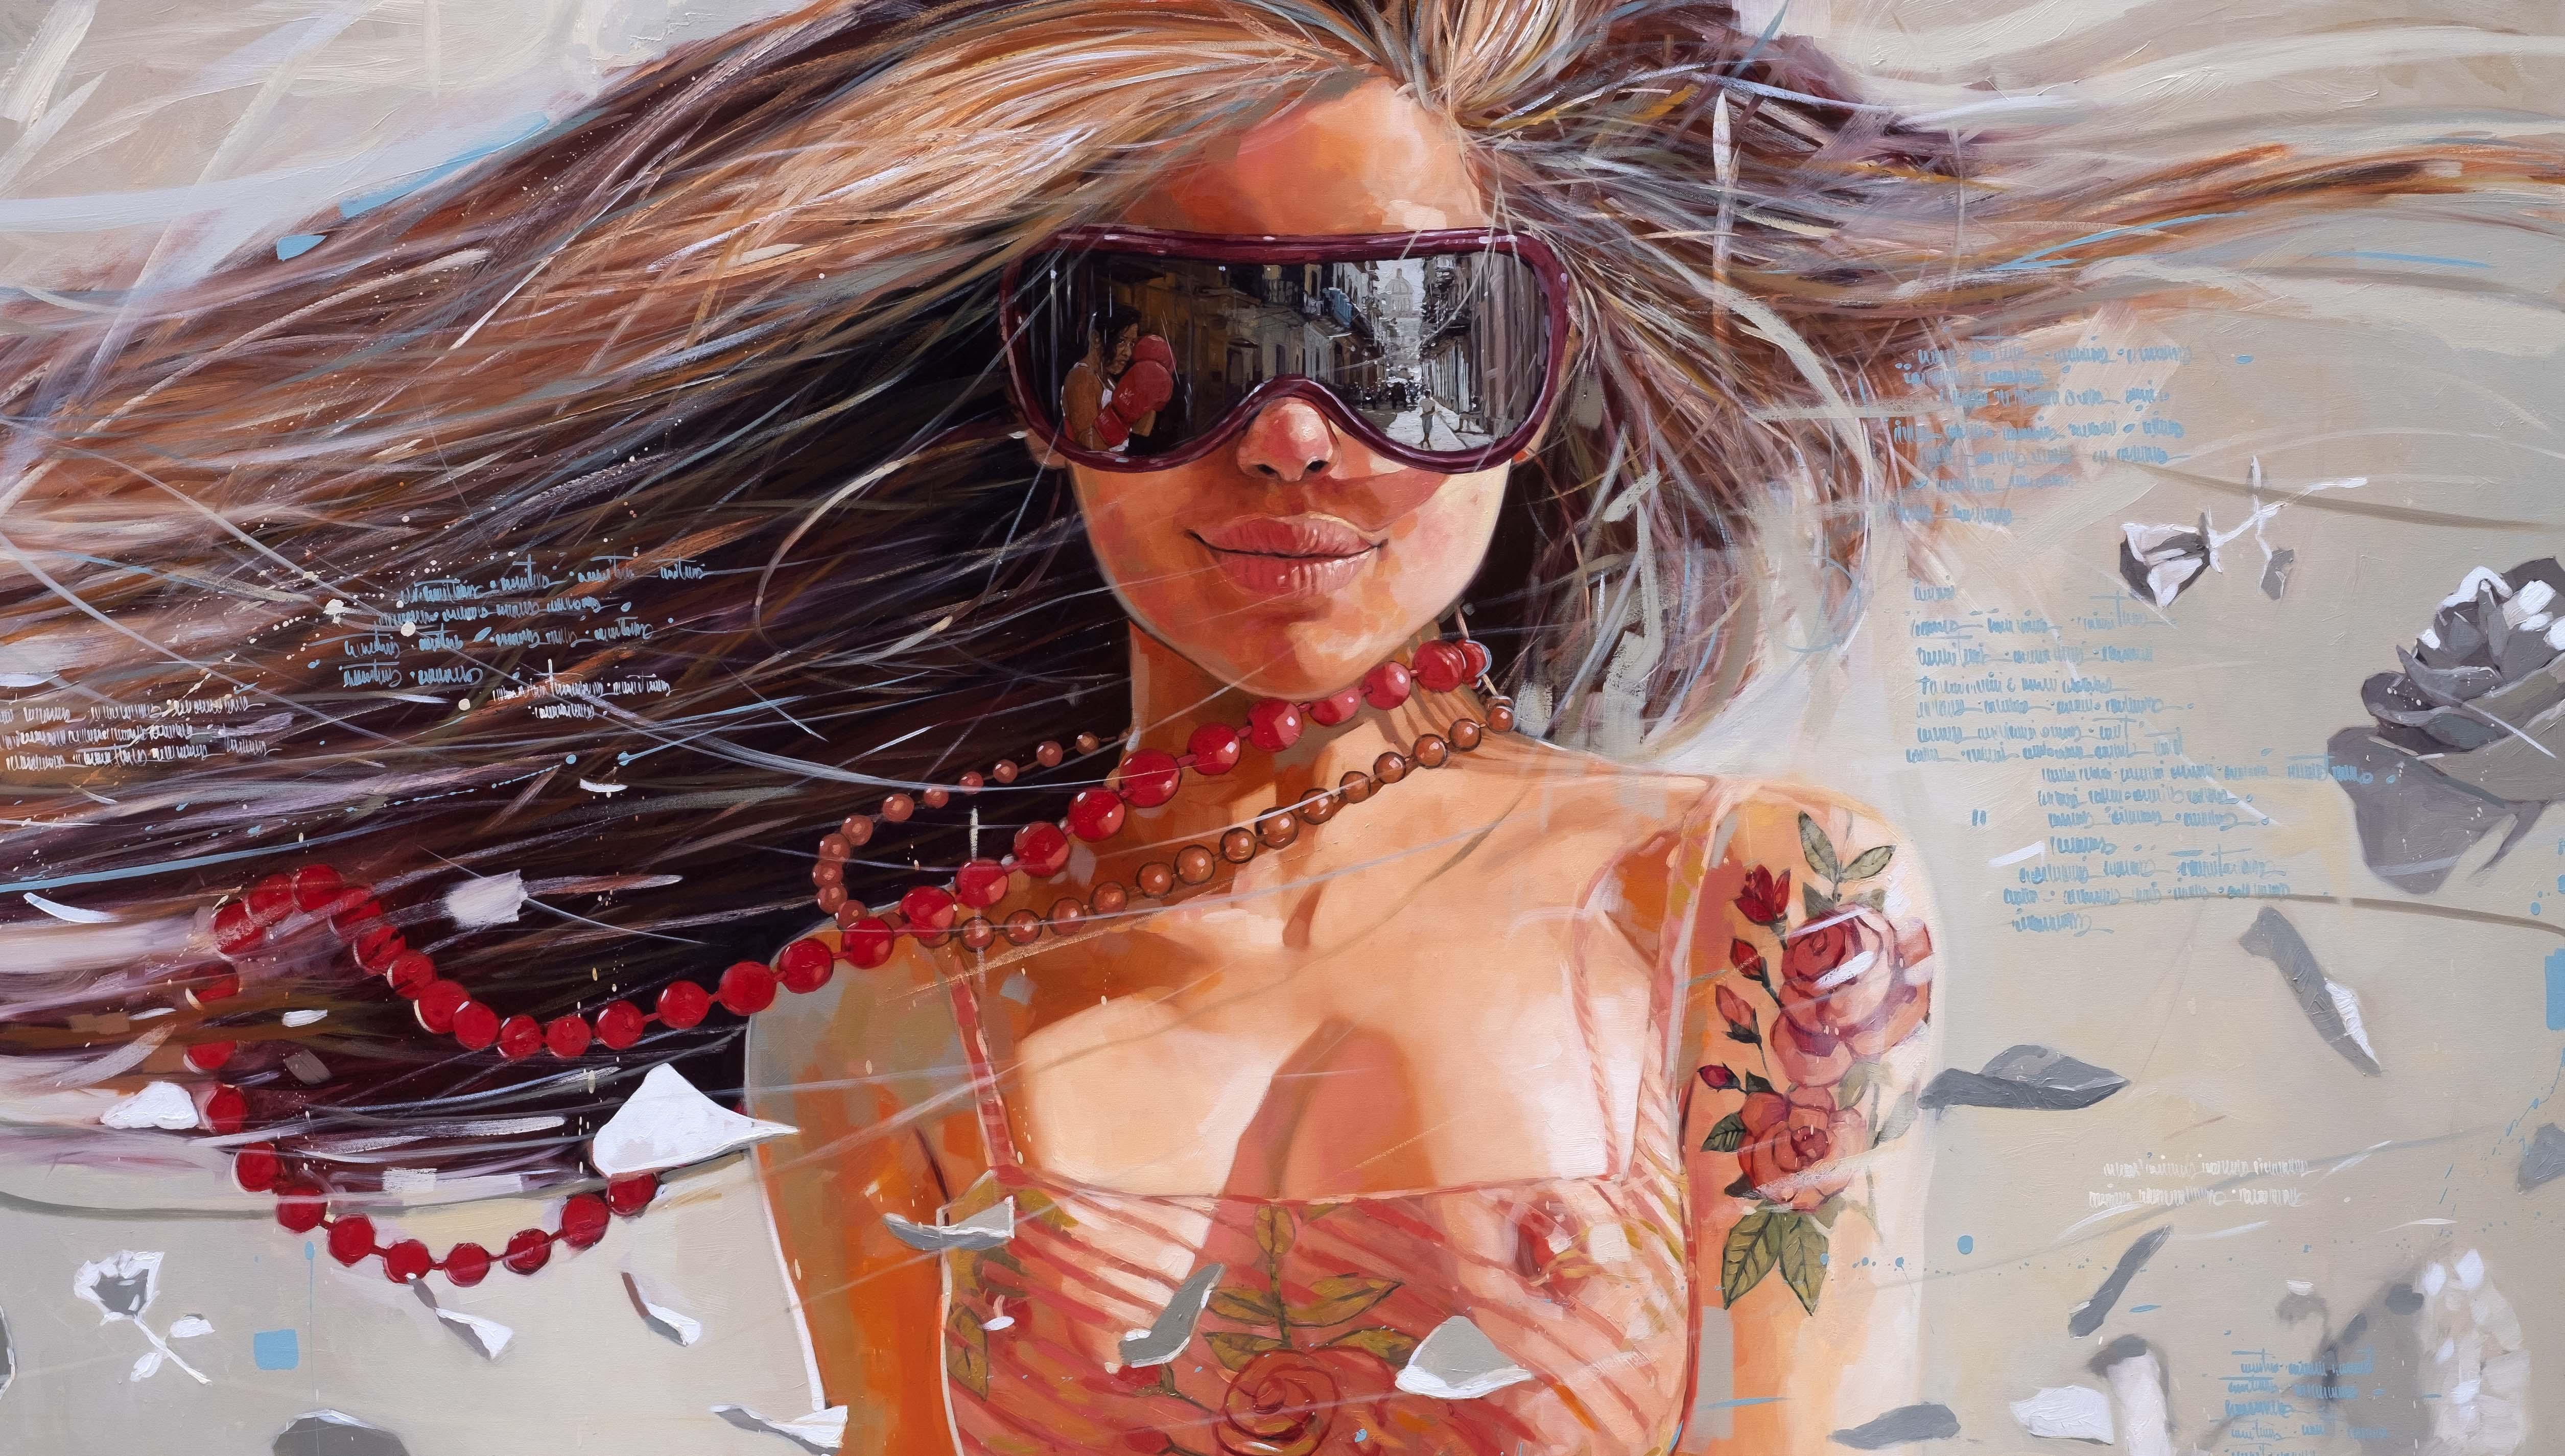 Detalle_%22MOTION%22_Oil on canvas